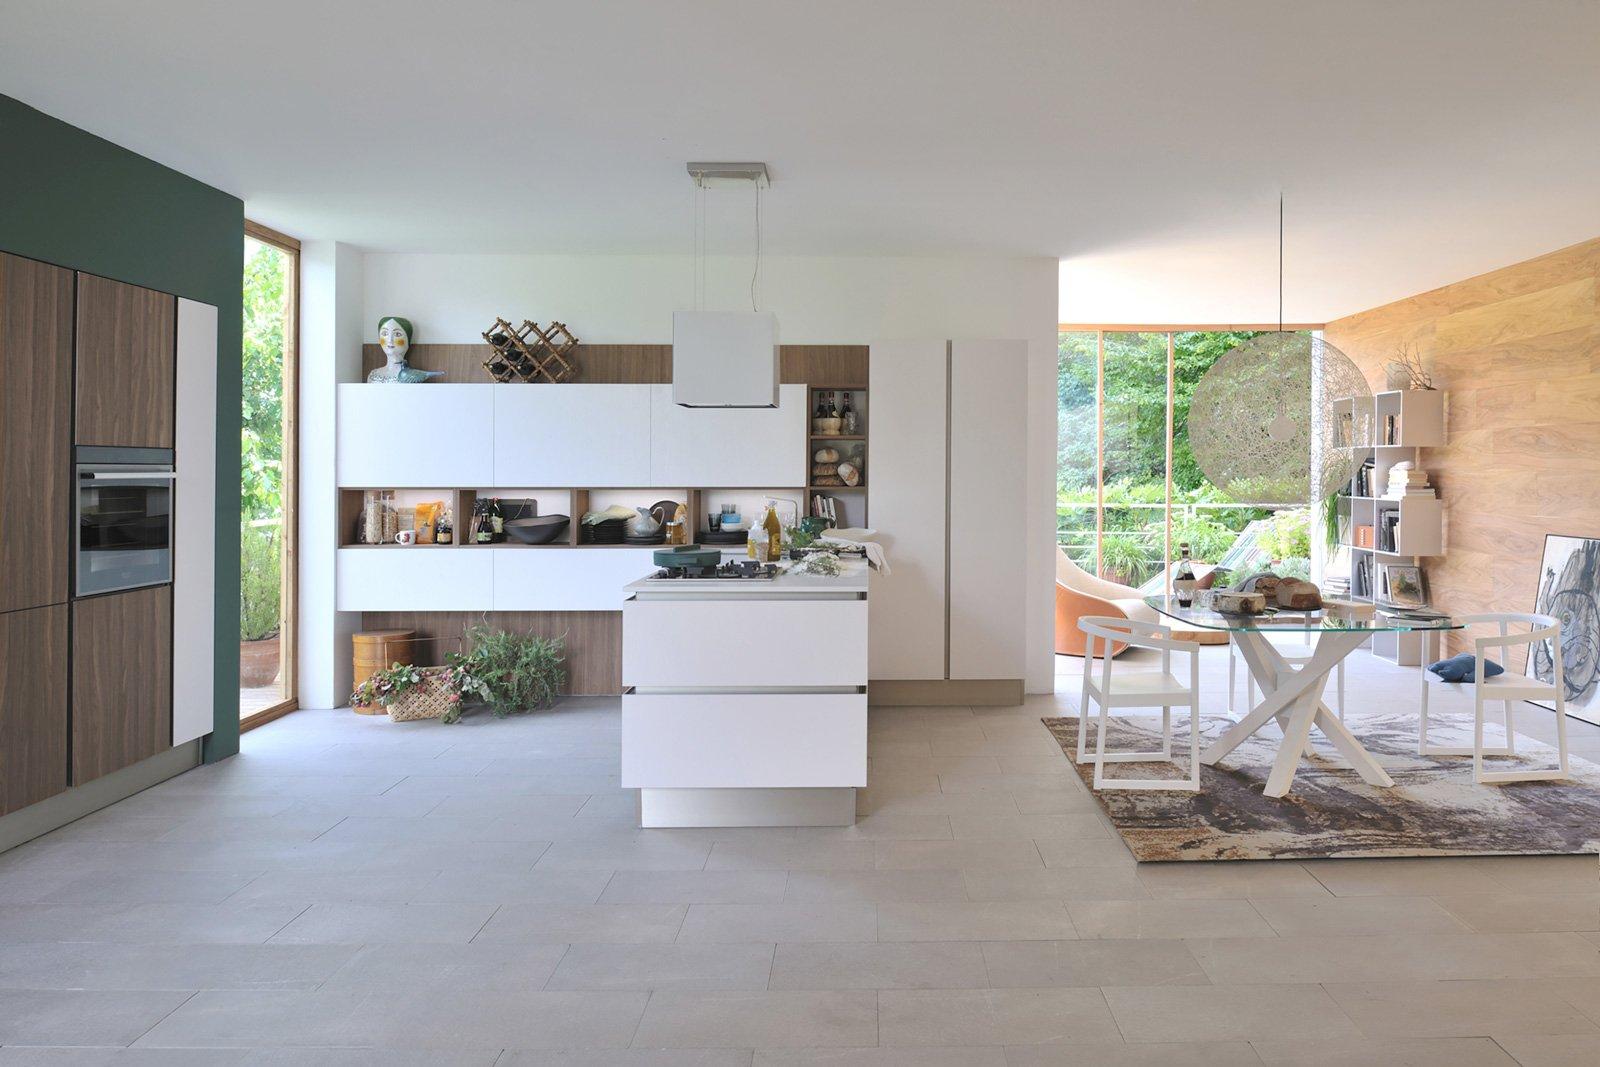 Cucine a vista per il loft nel soggiorno open space for Design cucina